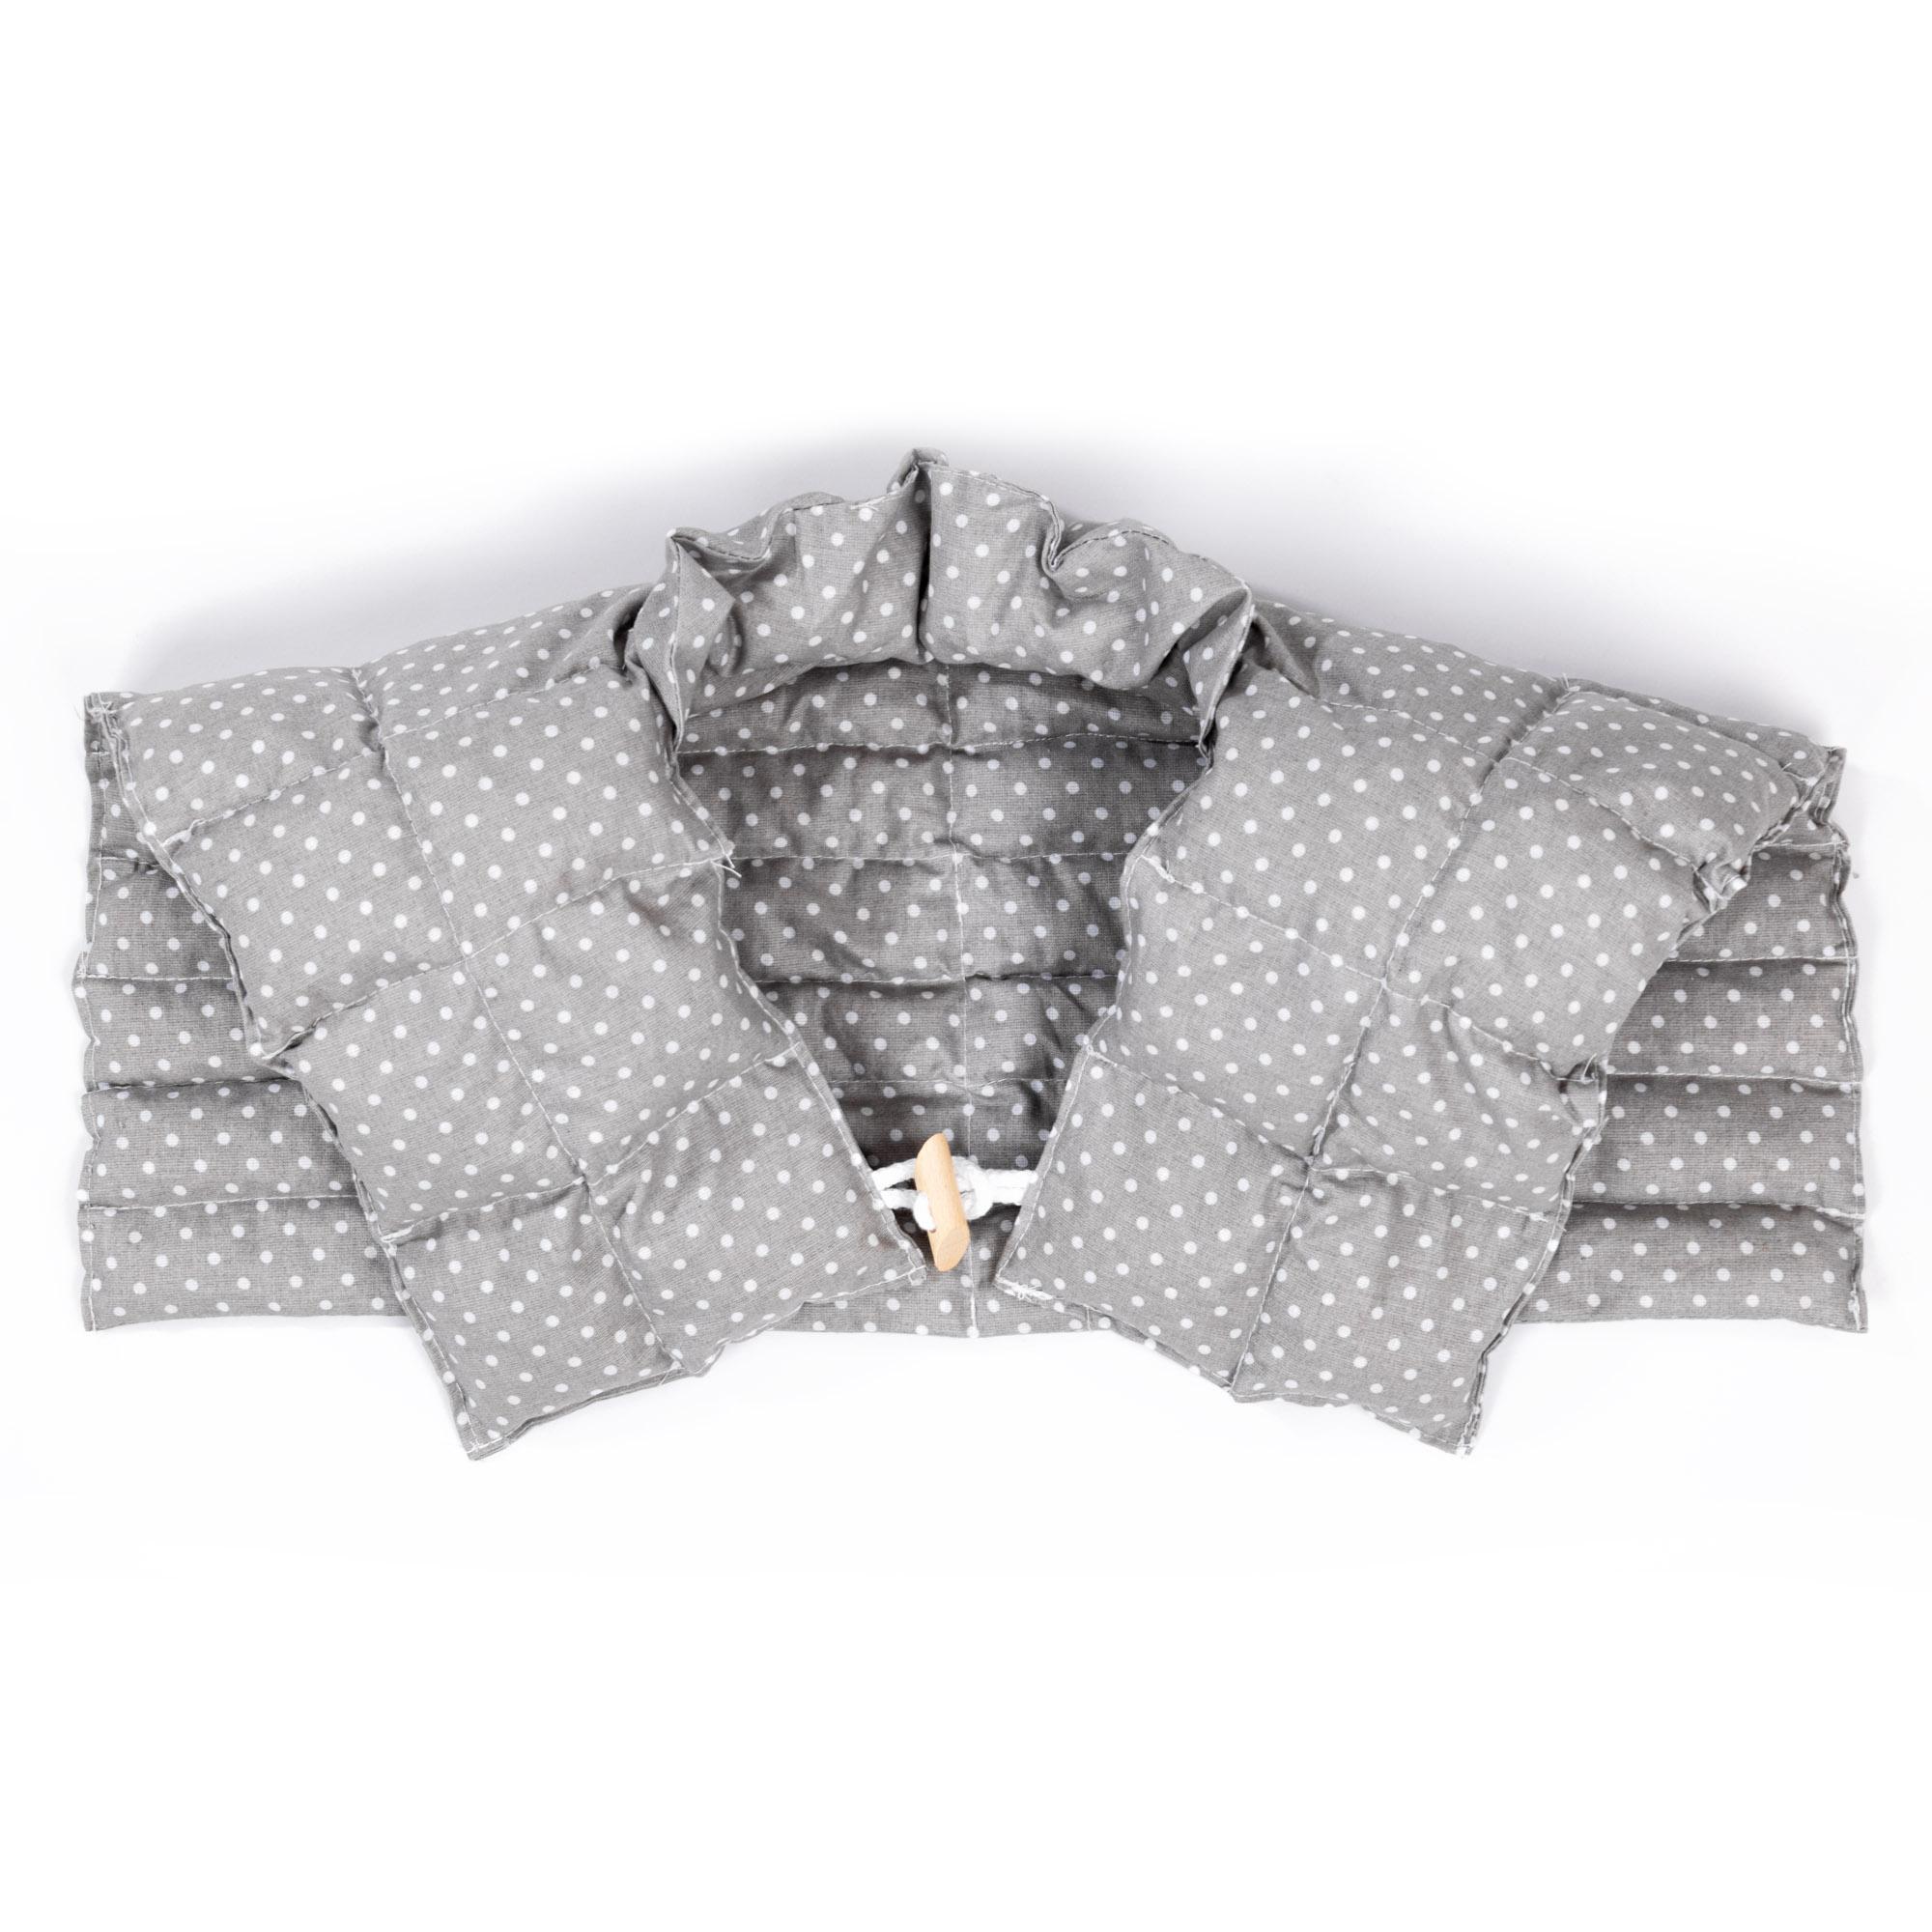 Kirschkernkissen Nackenhörnchen mit Rückenteil und Stehkragen Nackenwärmer Pünktchen KLEIN Grau